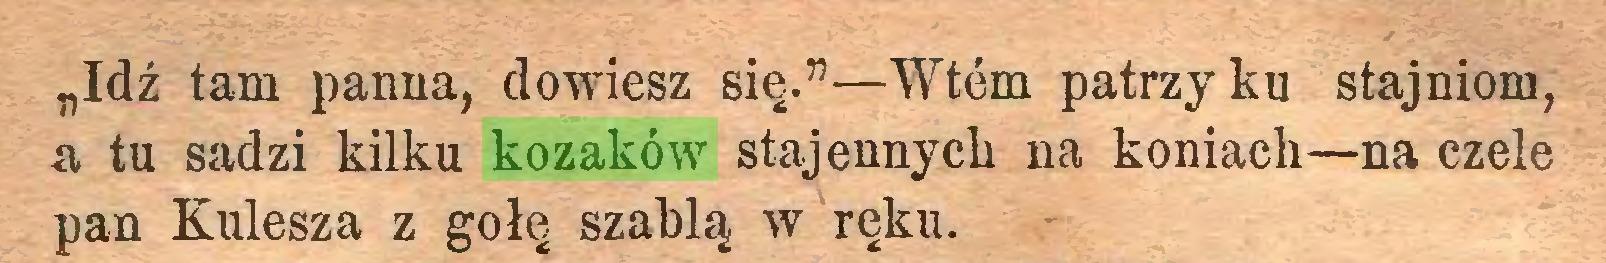 """(...) """"Idź tam panna, dowiesz się.""""—Wtem patrzy ku stajniom, a tu sadzi kilku kozaków stajennych na koniach—na czele pan Kulesza z gołę szablą w ręku..."""